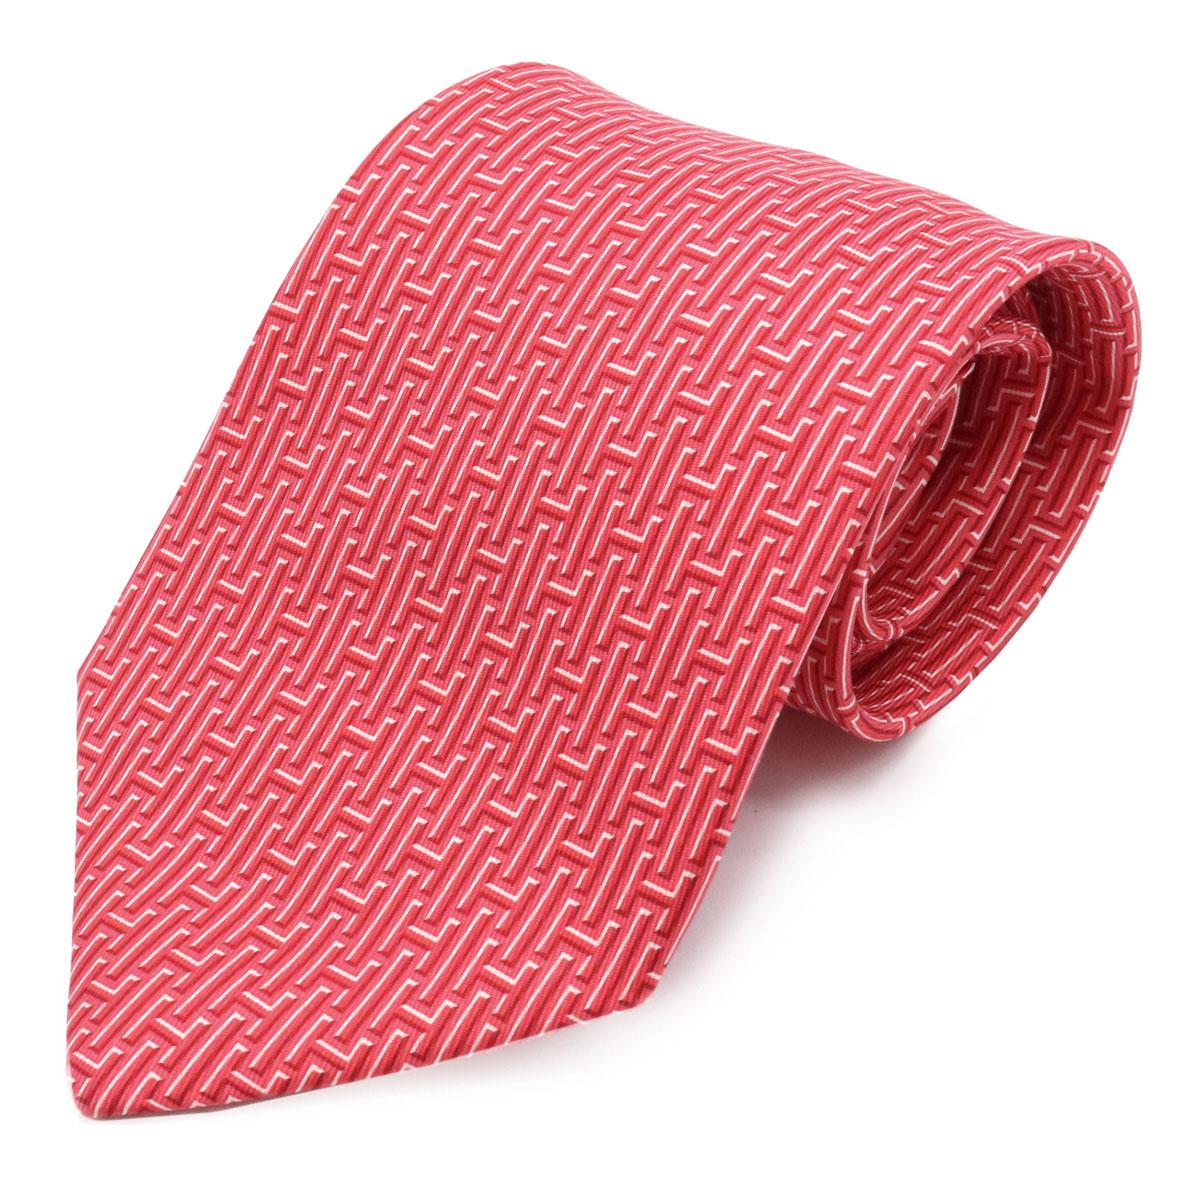 【新品未使用品】HERMES エルメス ネクタイ Hロゴ シルク100% レッド 赤 ピンク ホワイト 白